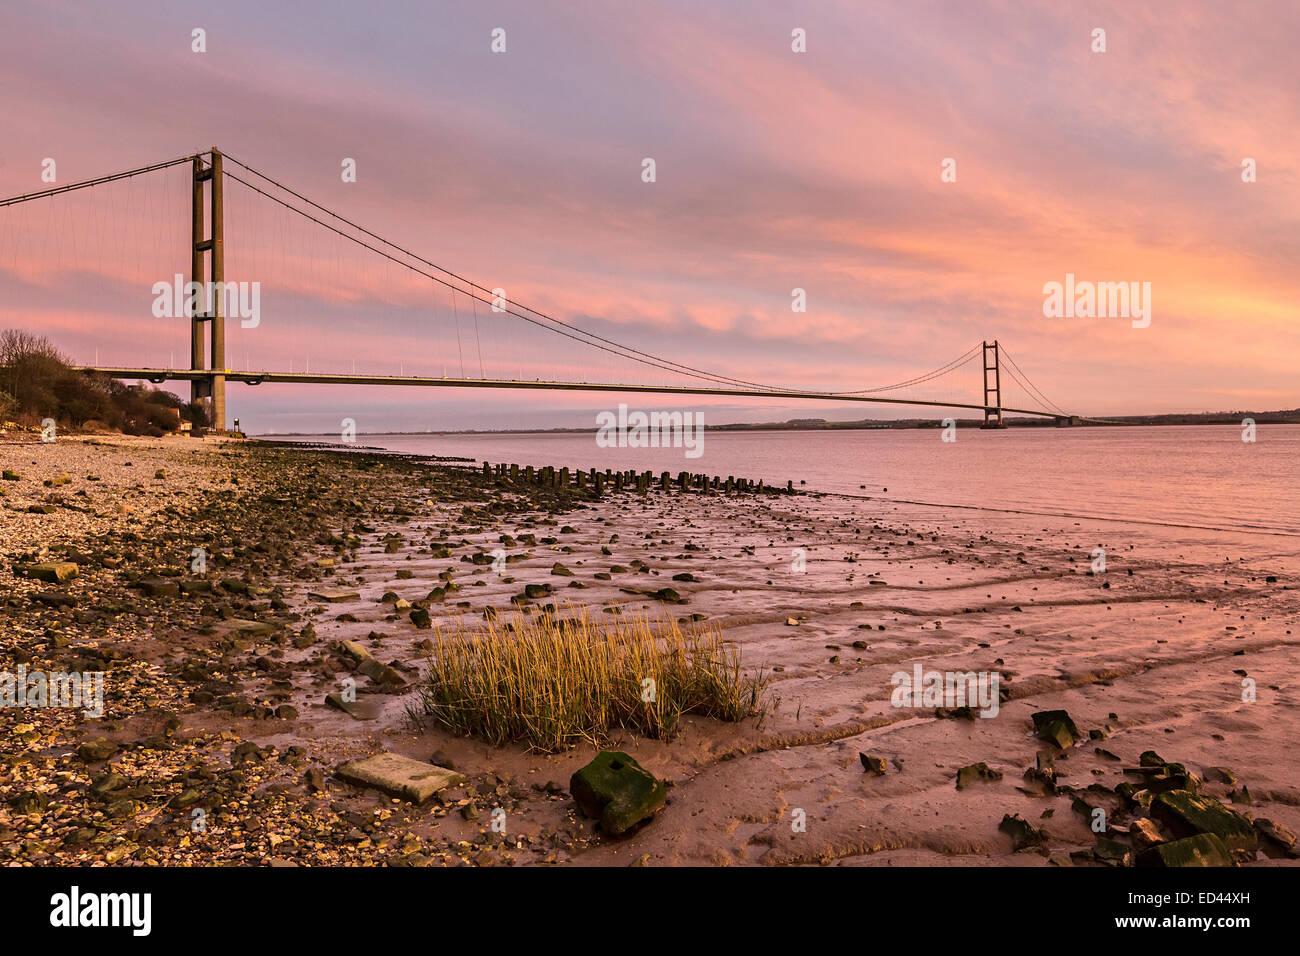 Le Humber Bridge at Dusk à partir de la rive nord, England, UK Banque D'Images